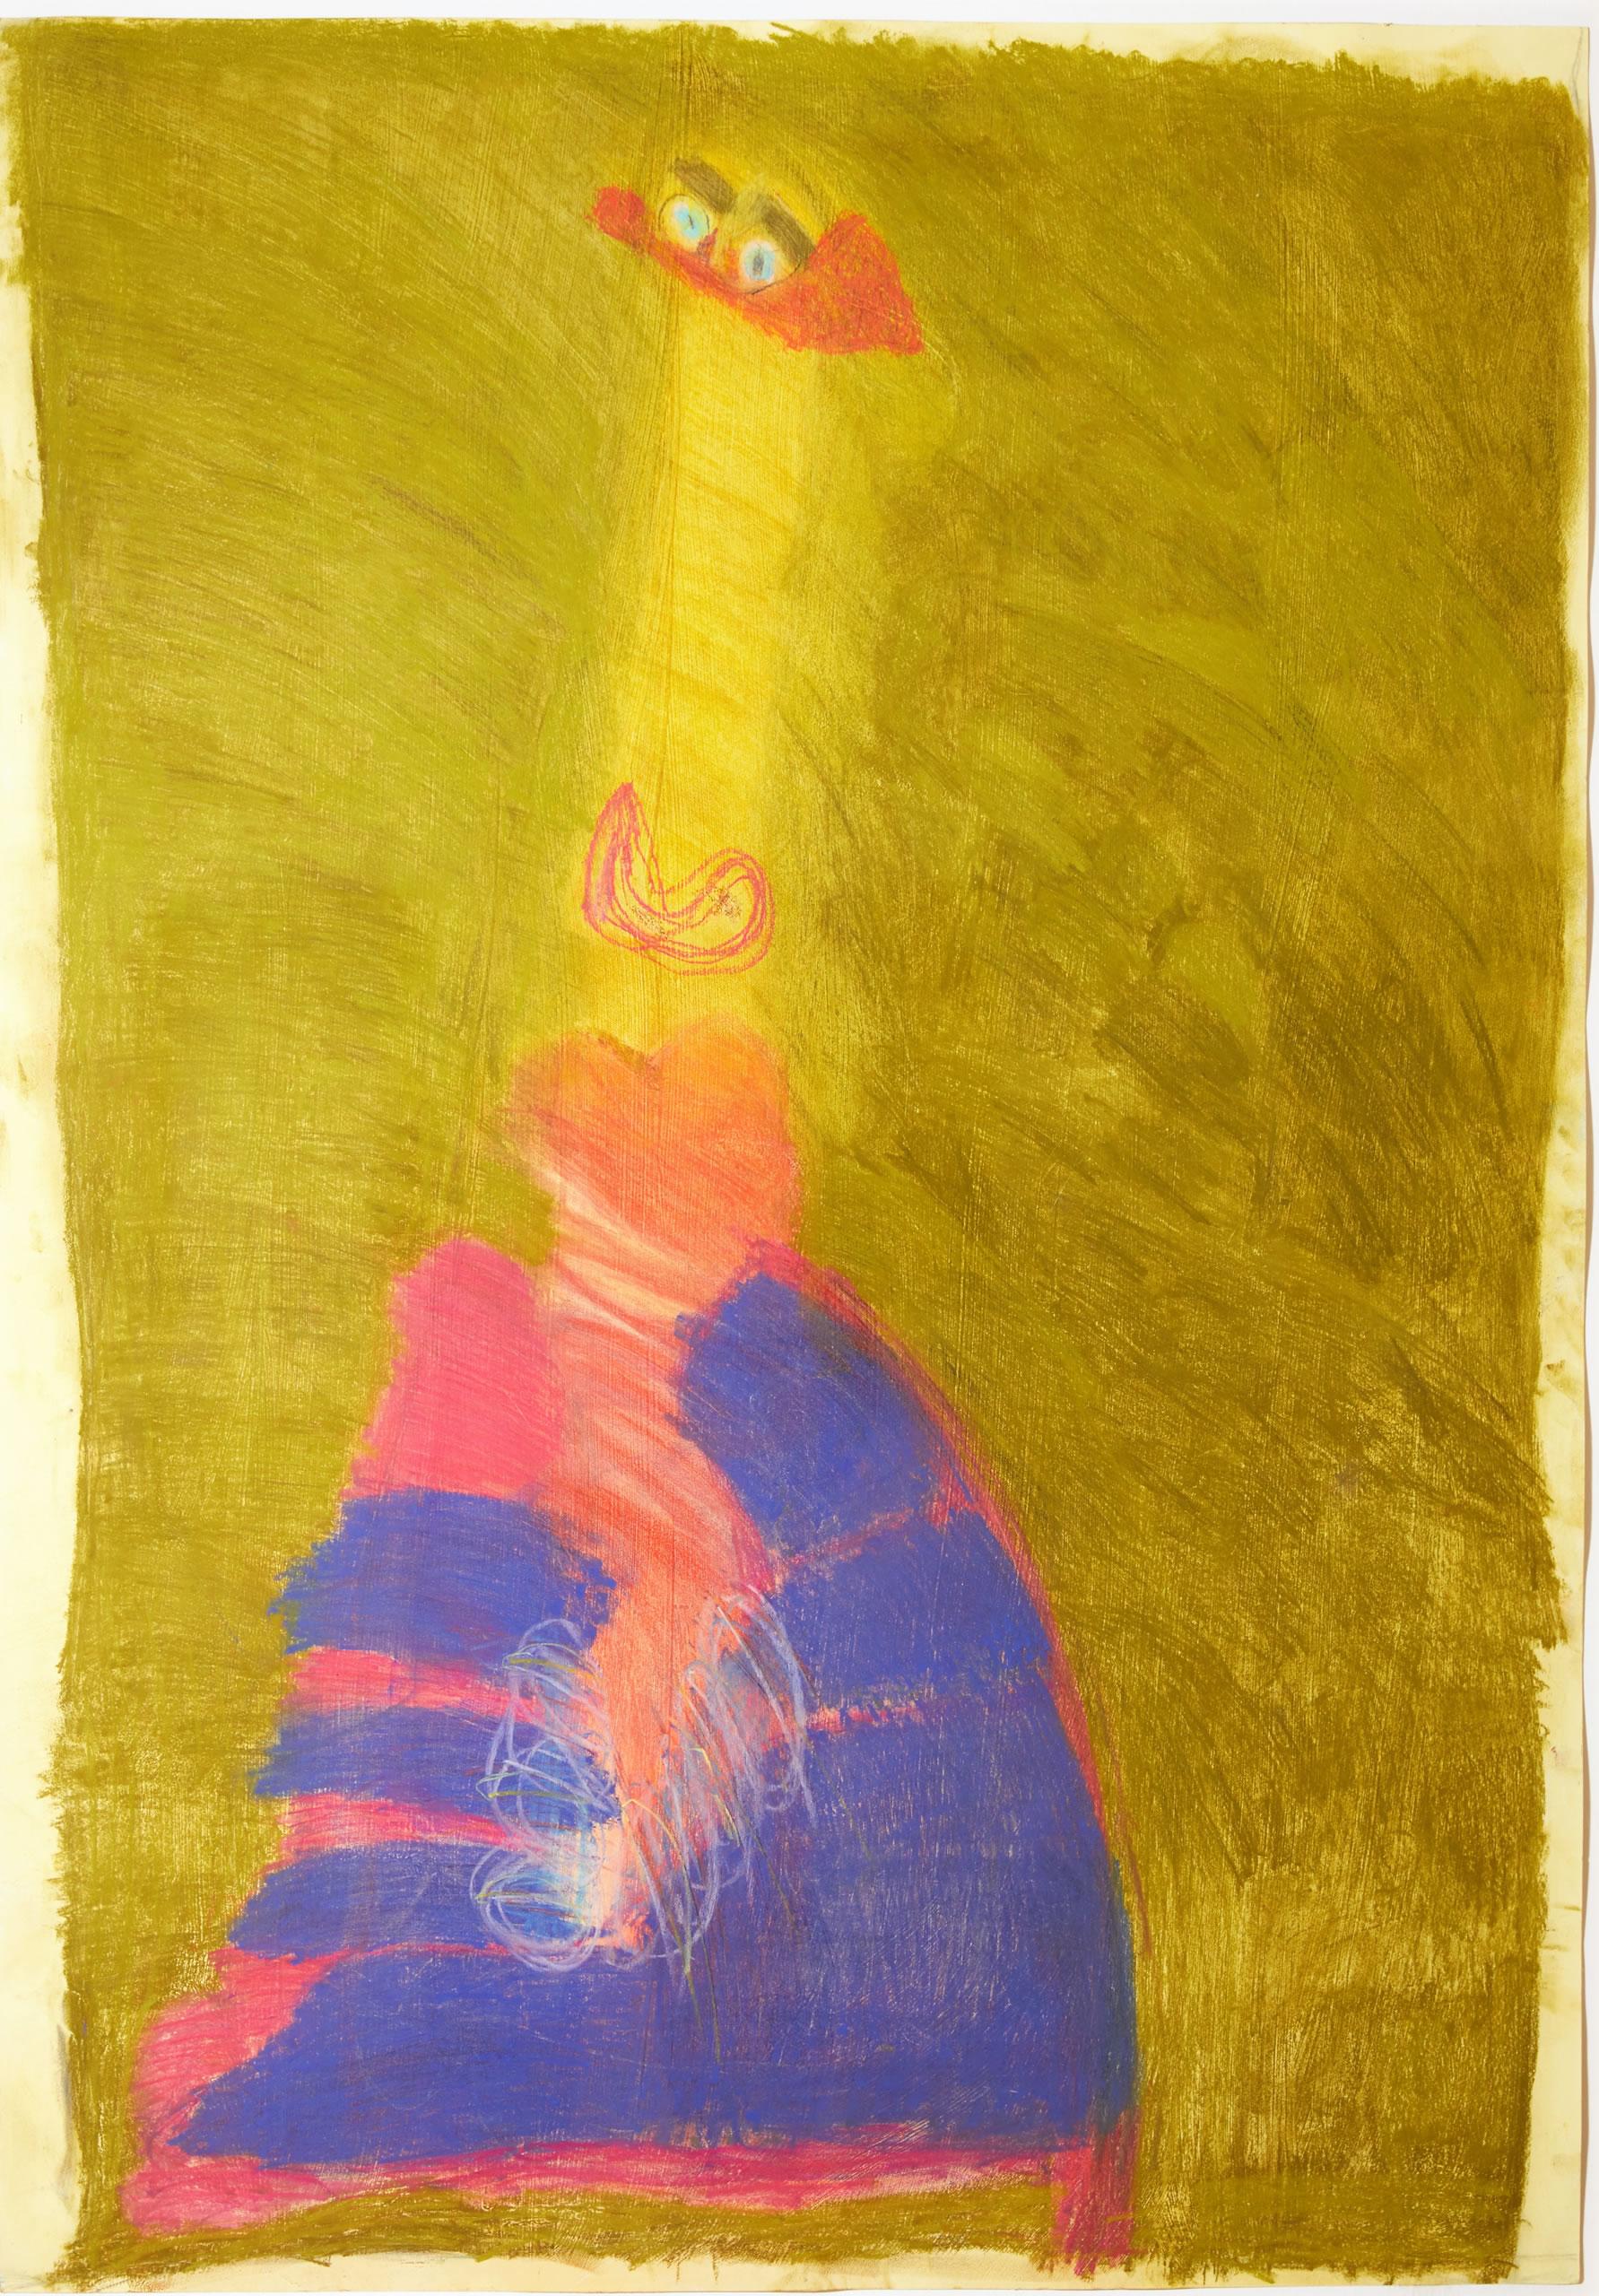 Sylvia Manfreda | Sächsische Prinzessin | 2014 | Pastell auf Papier | 100 x 70 cm | Foto Johannes Puch | Galerie3